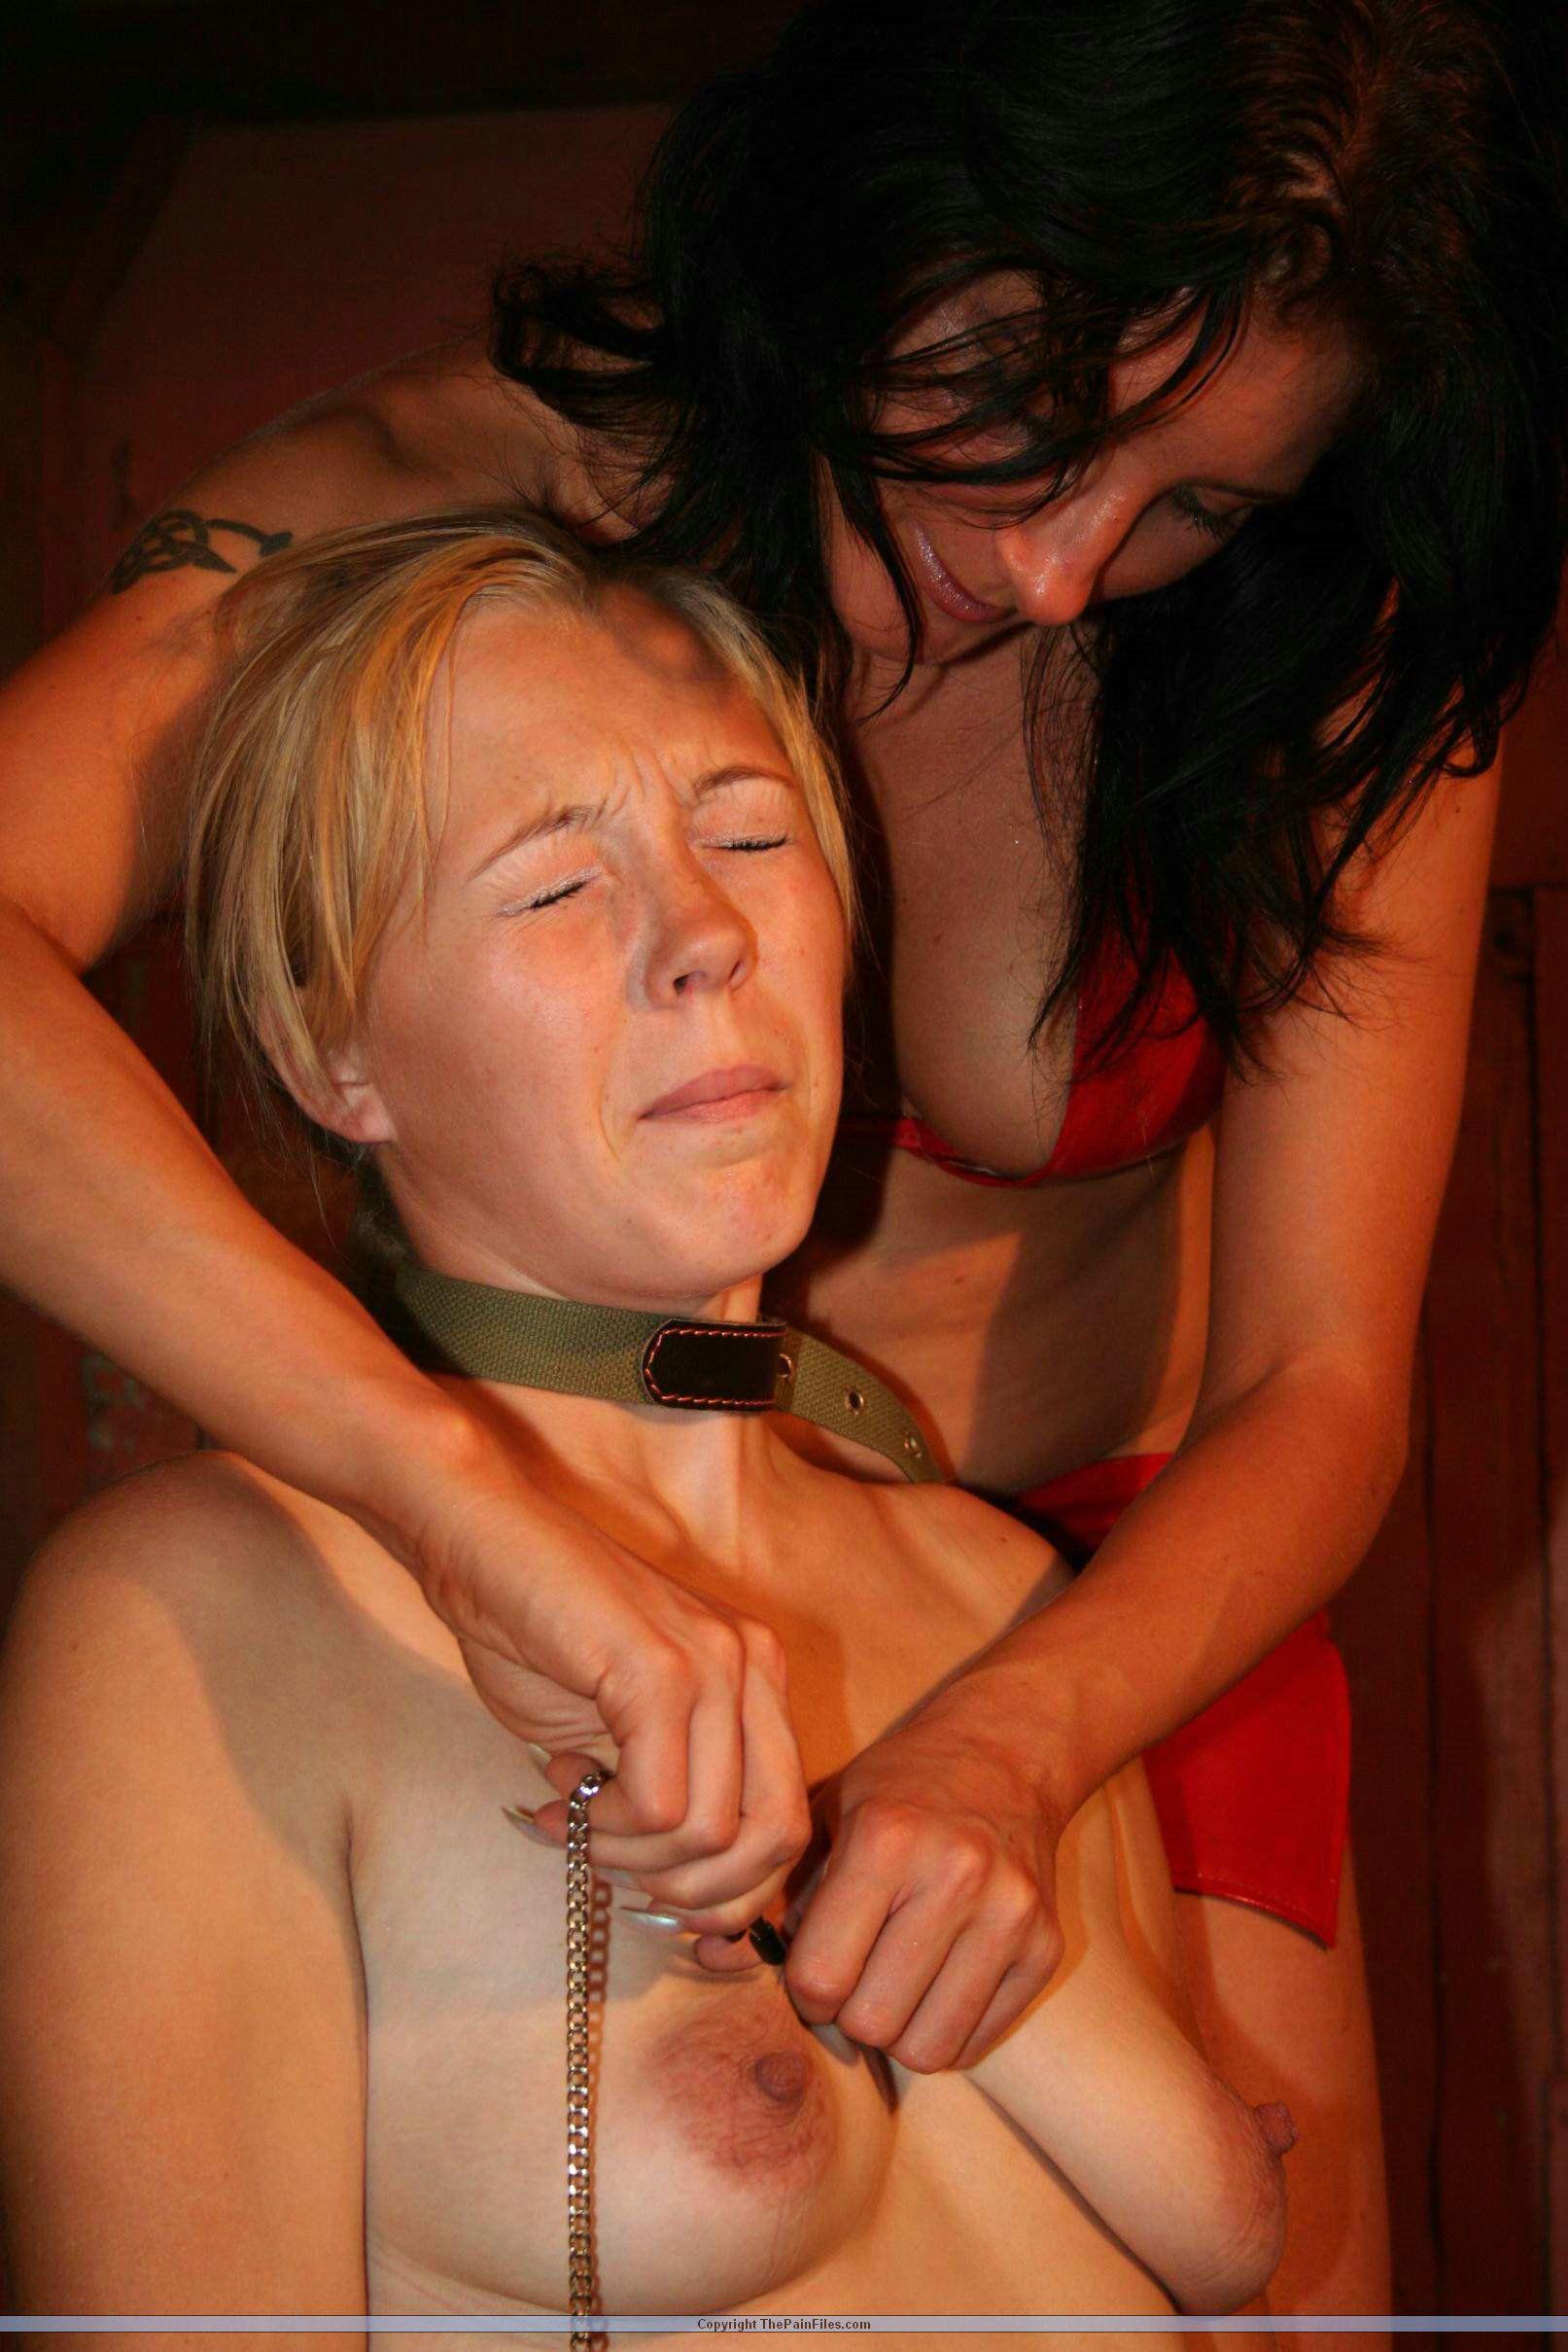 Sado porn actress